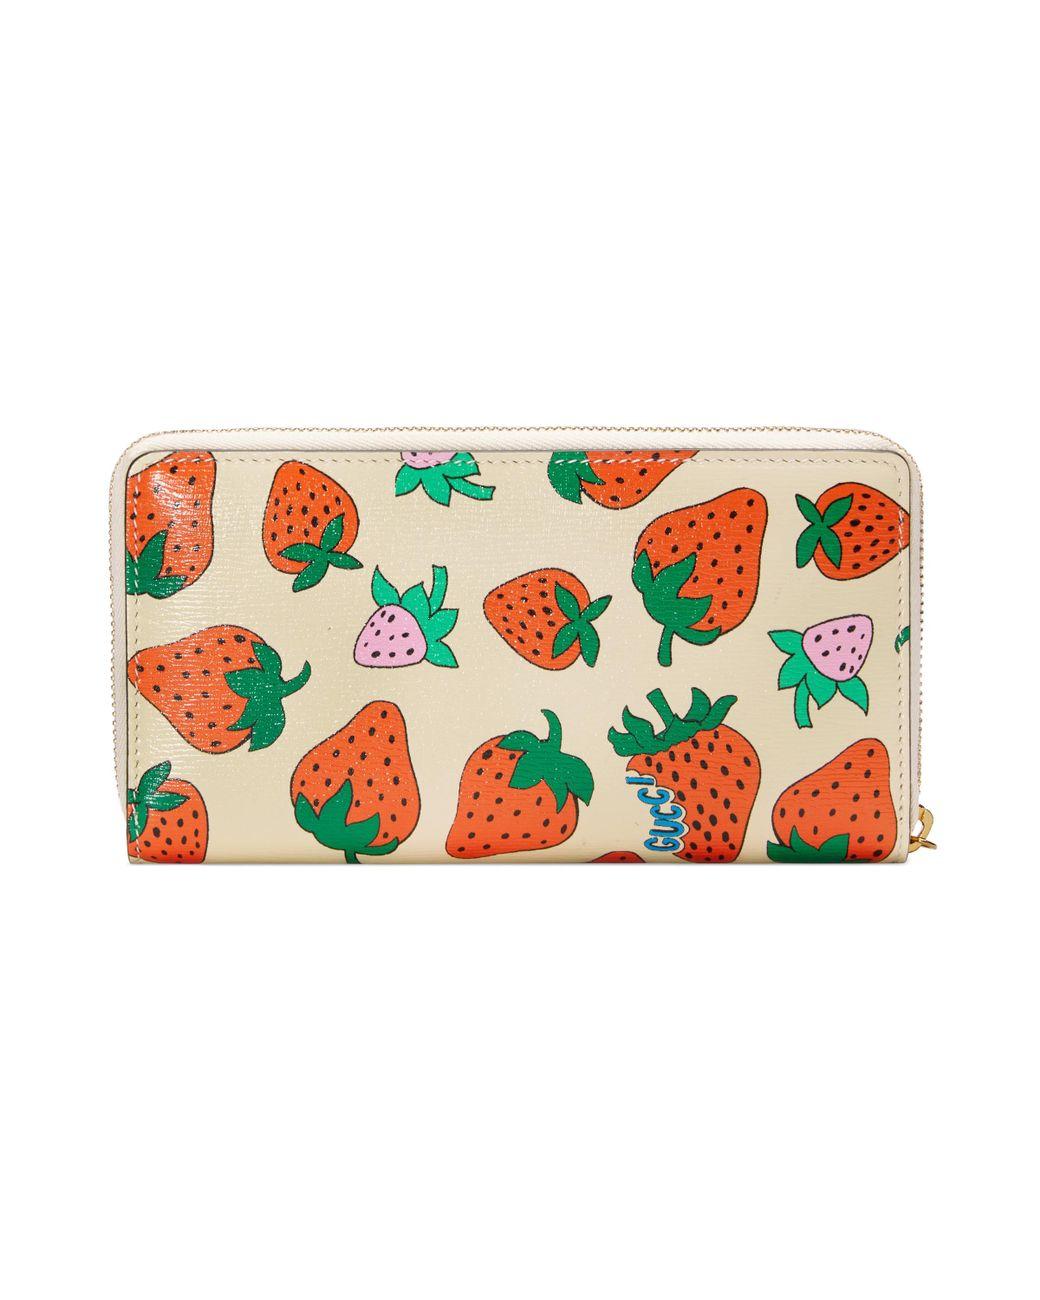 Zumi Strawberry Print Zip Around Wallet